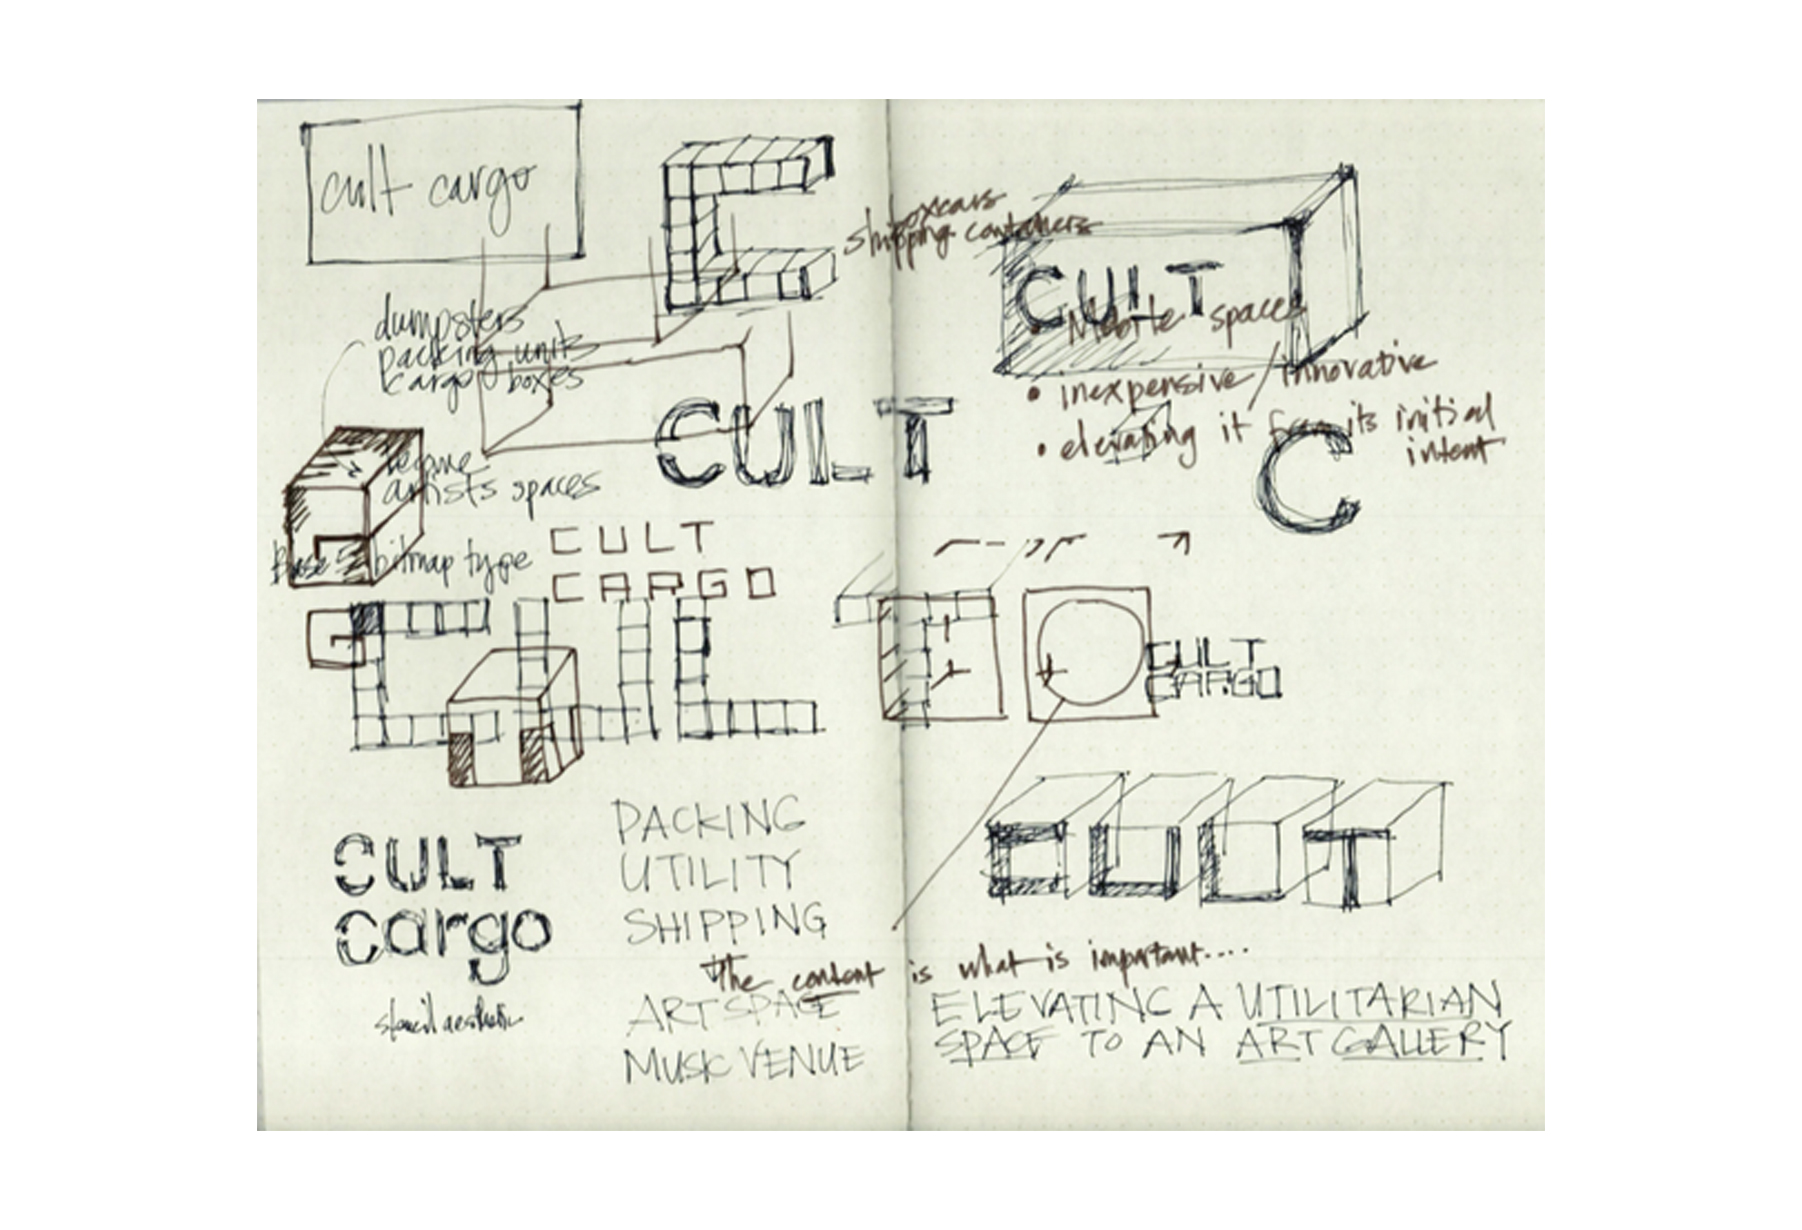 cult-cargo-7